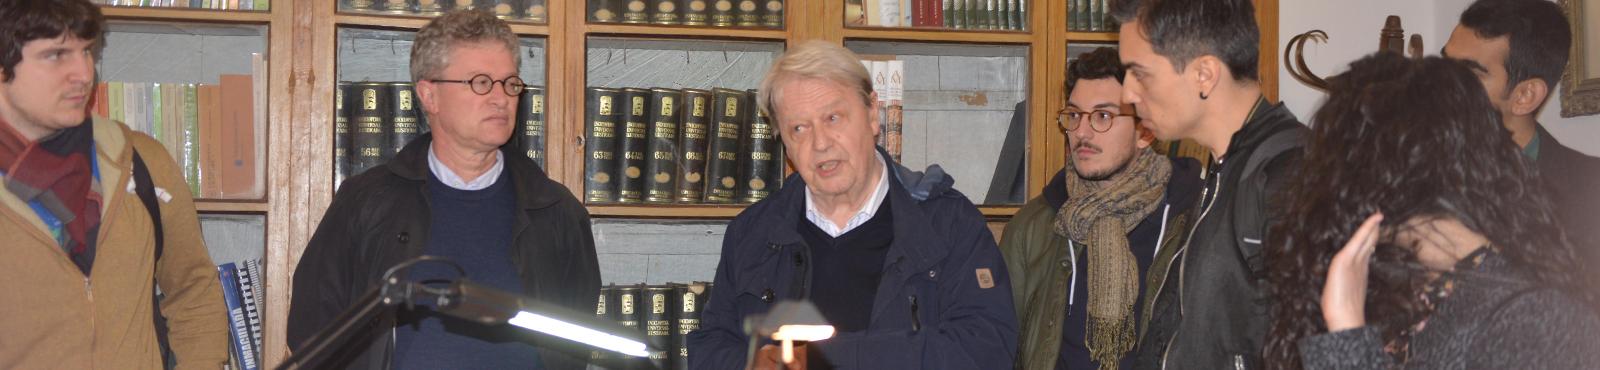 Presentación de la primera edición crítica de los Libros Plúmbeos del Sacromonte